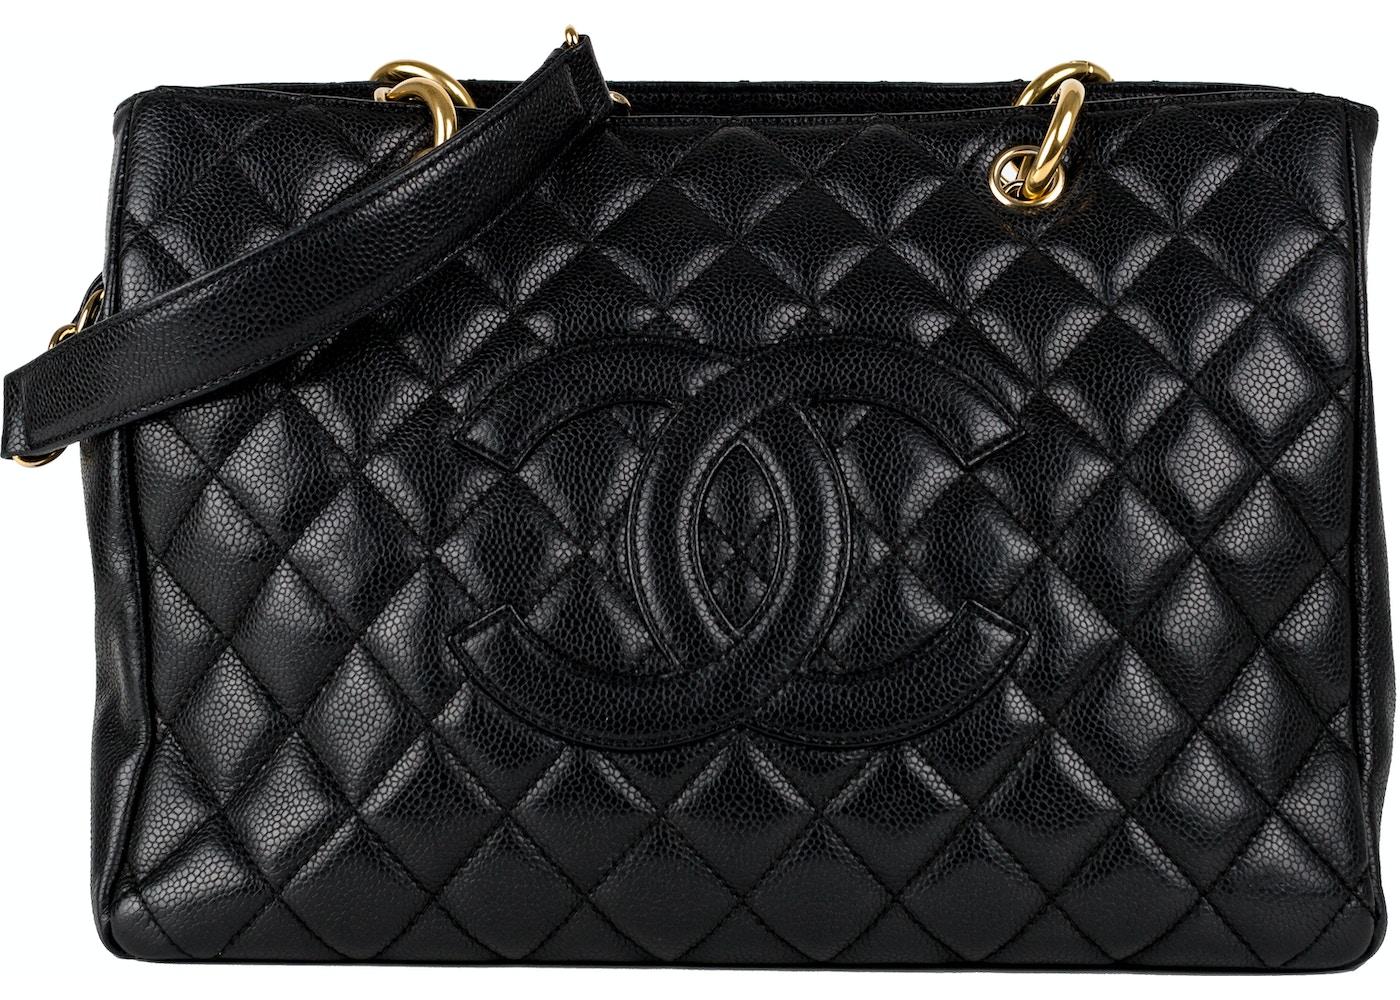 0d3a1e18adfa Buy   Sell Chanel Luxury Handbags